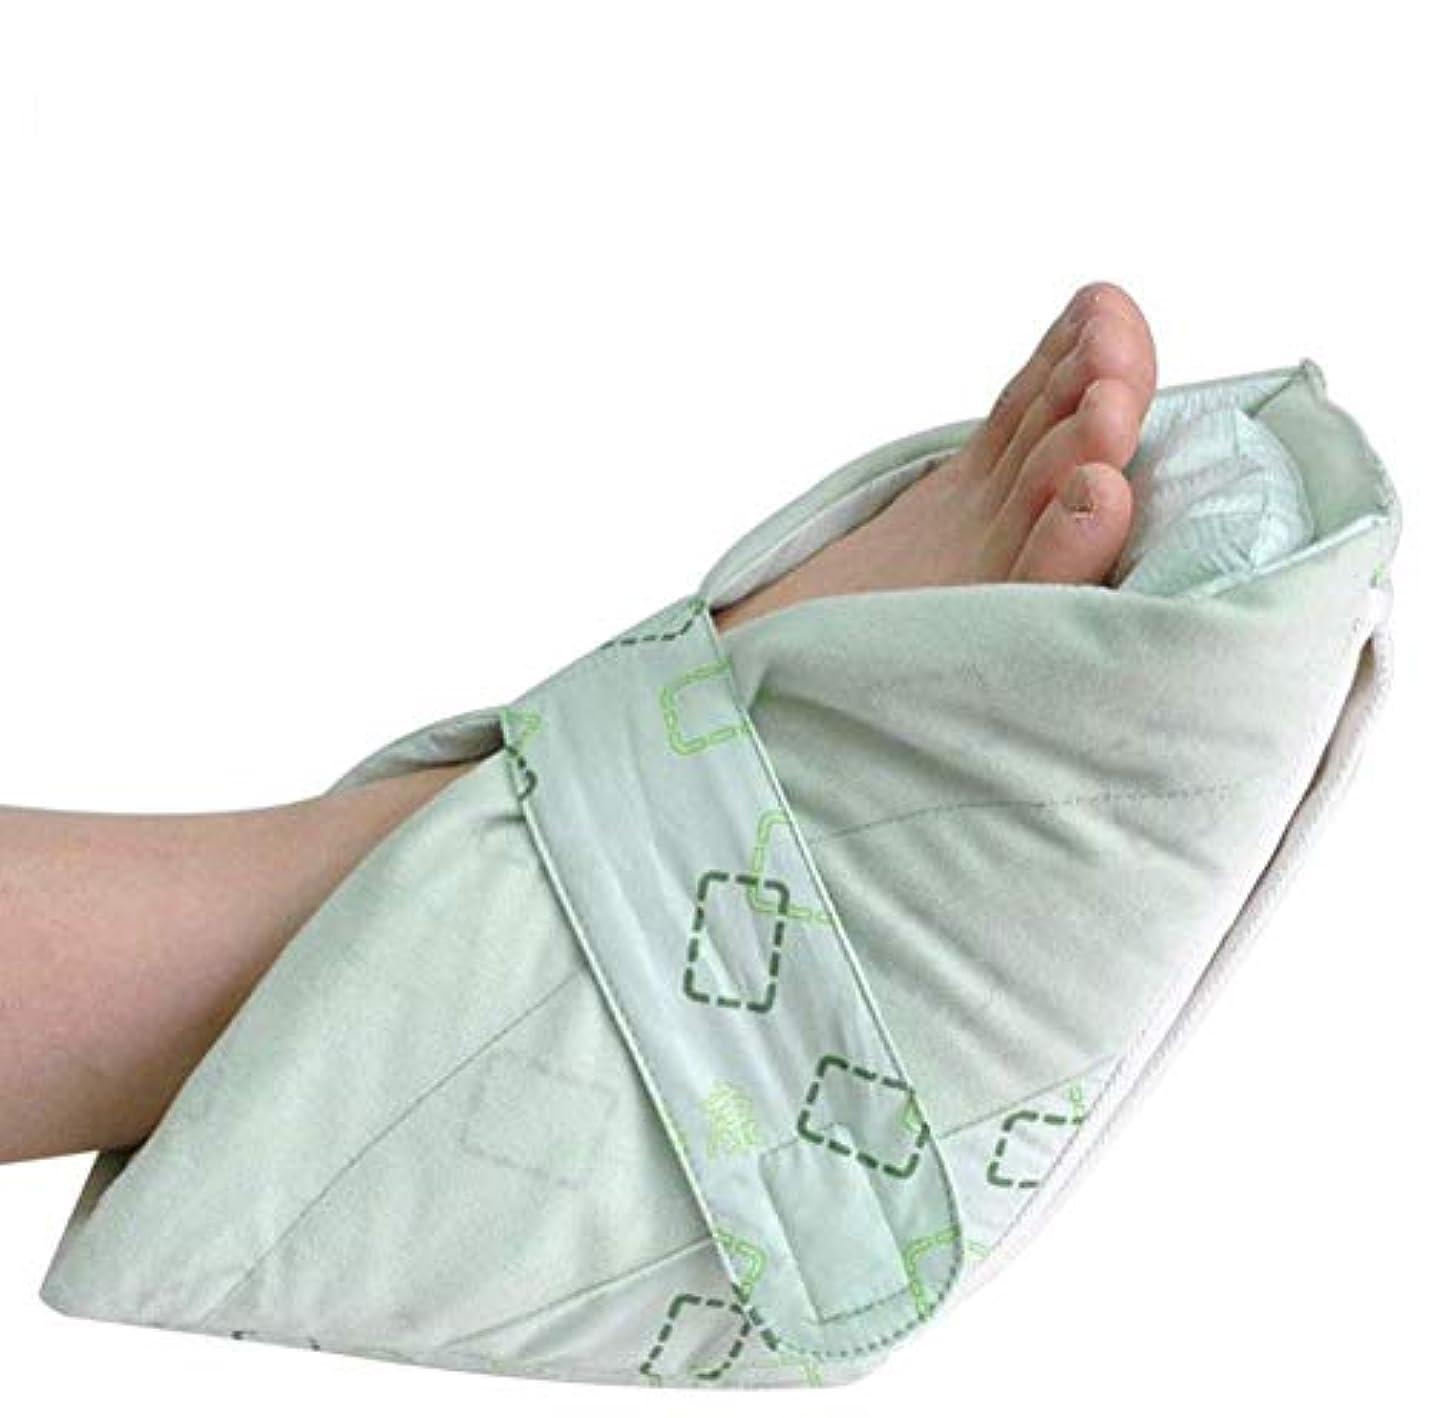 お嬢構造的不適当圧力緩和ヒールプロテクター - 超極細コットン生地、内側のクッションを分離することができます - 褥瘡&腱レスト用 - 1ペア